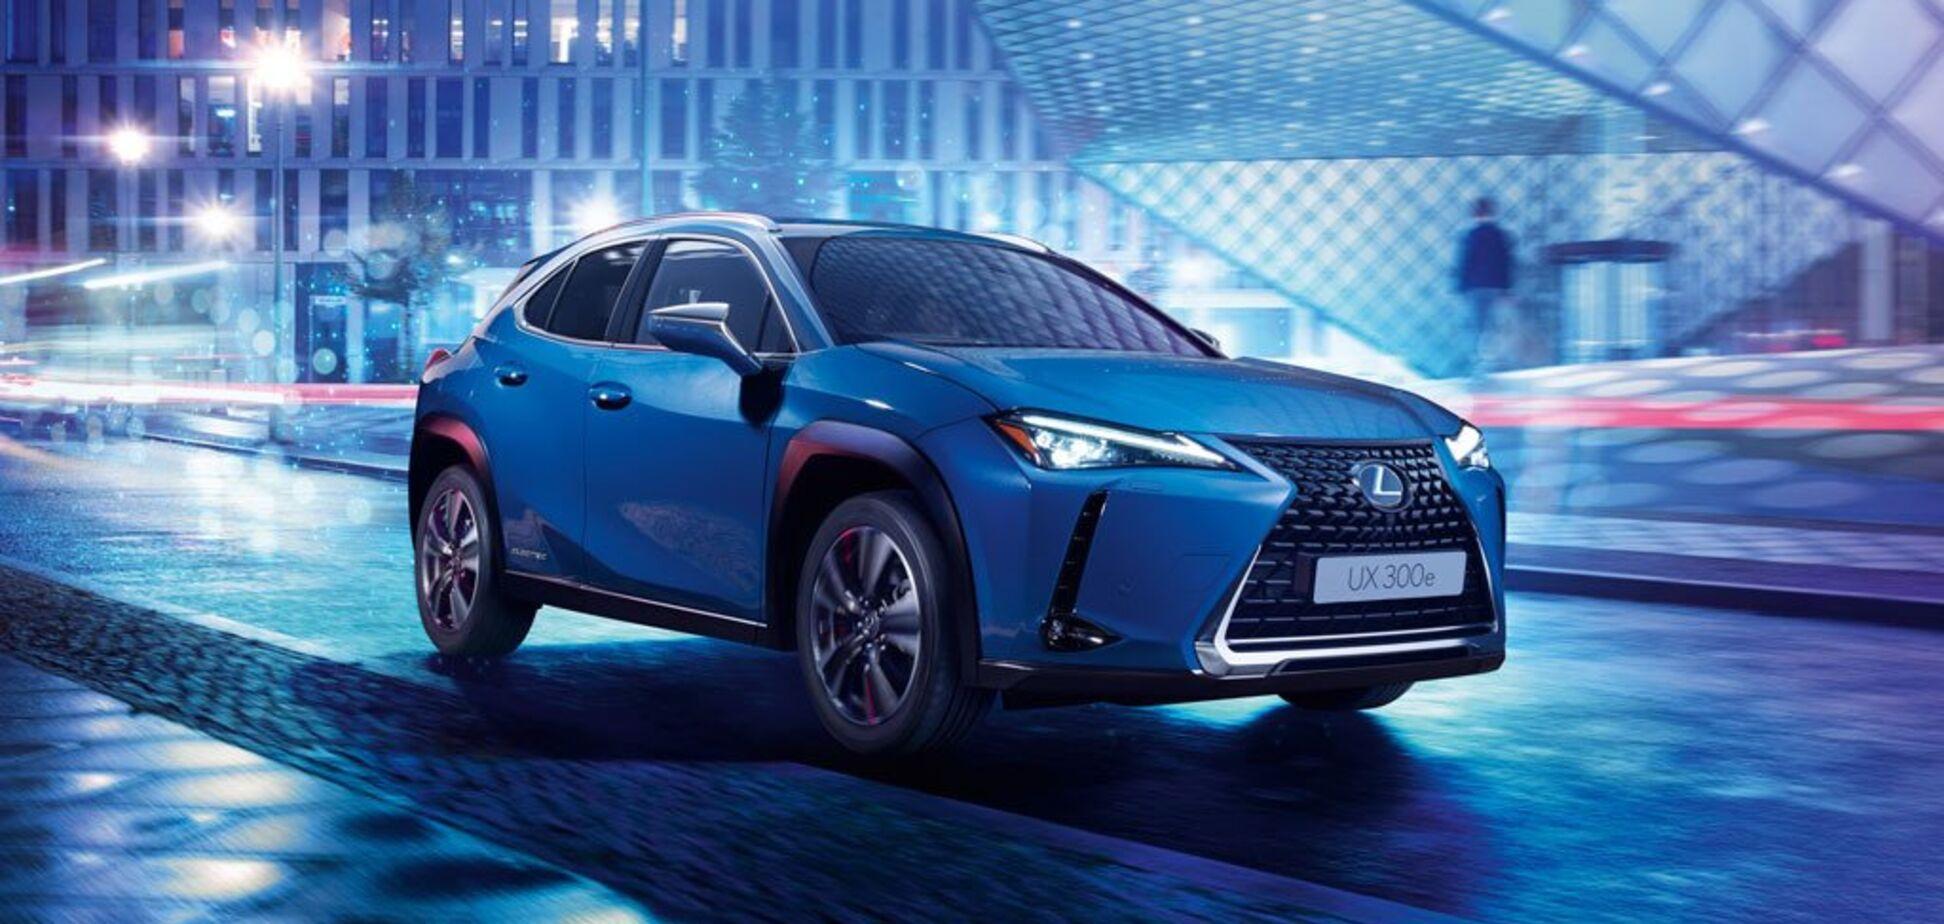 Первый электромобиль Lexus появится в Европе